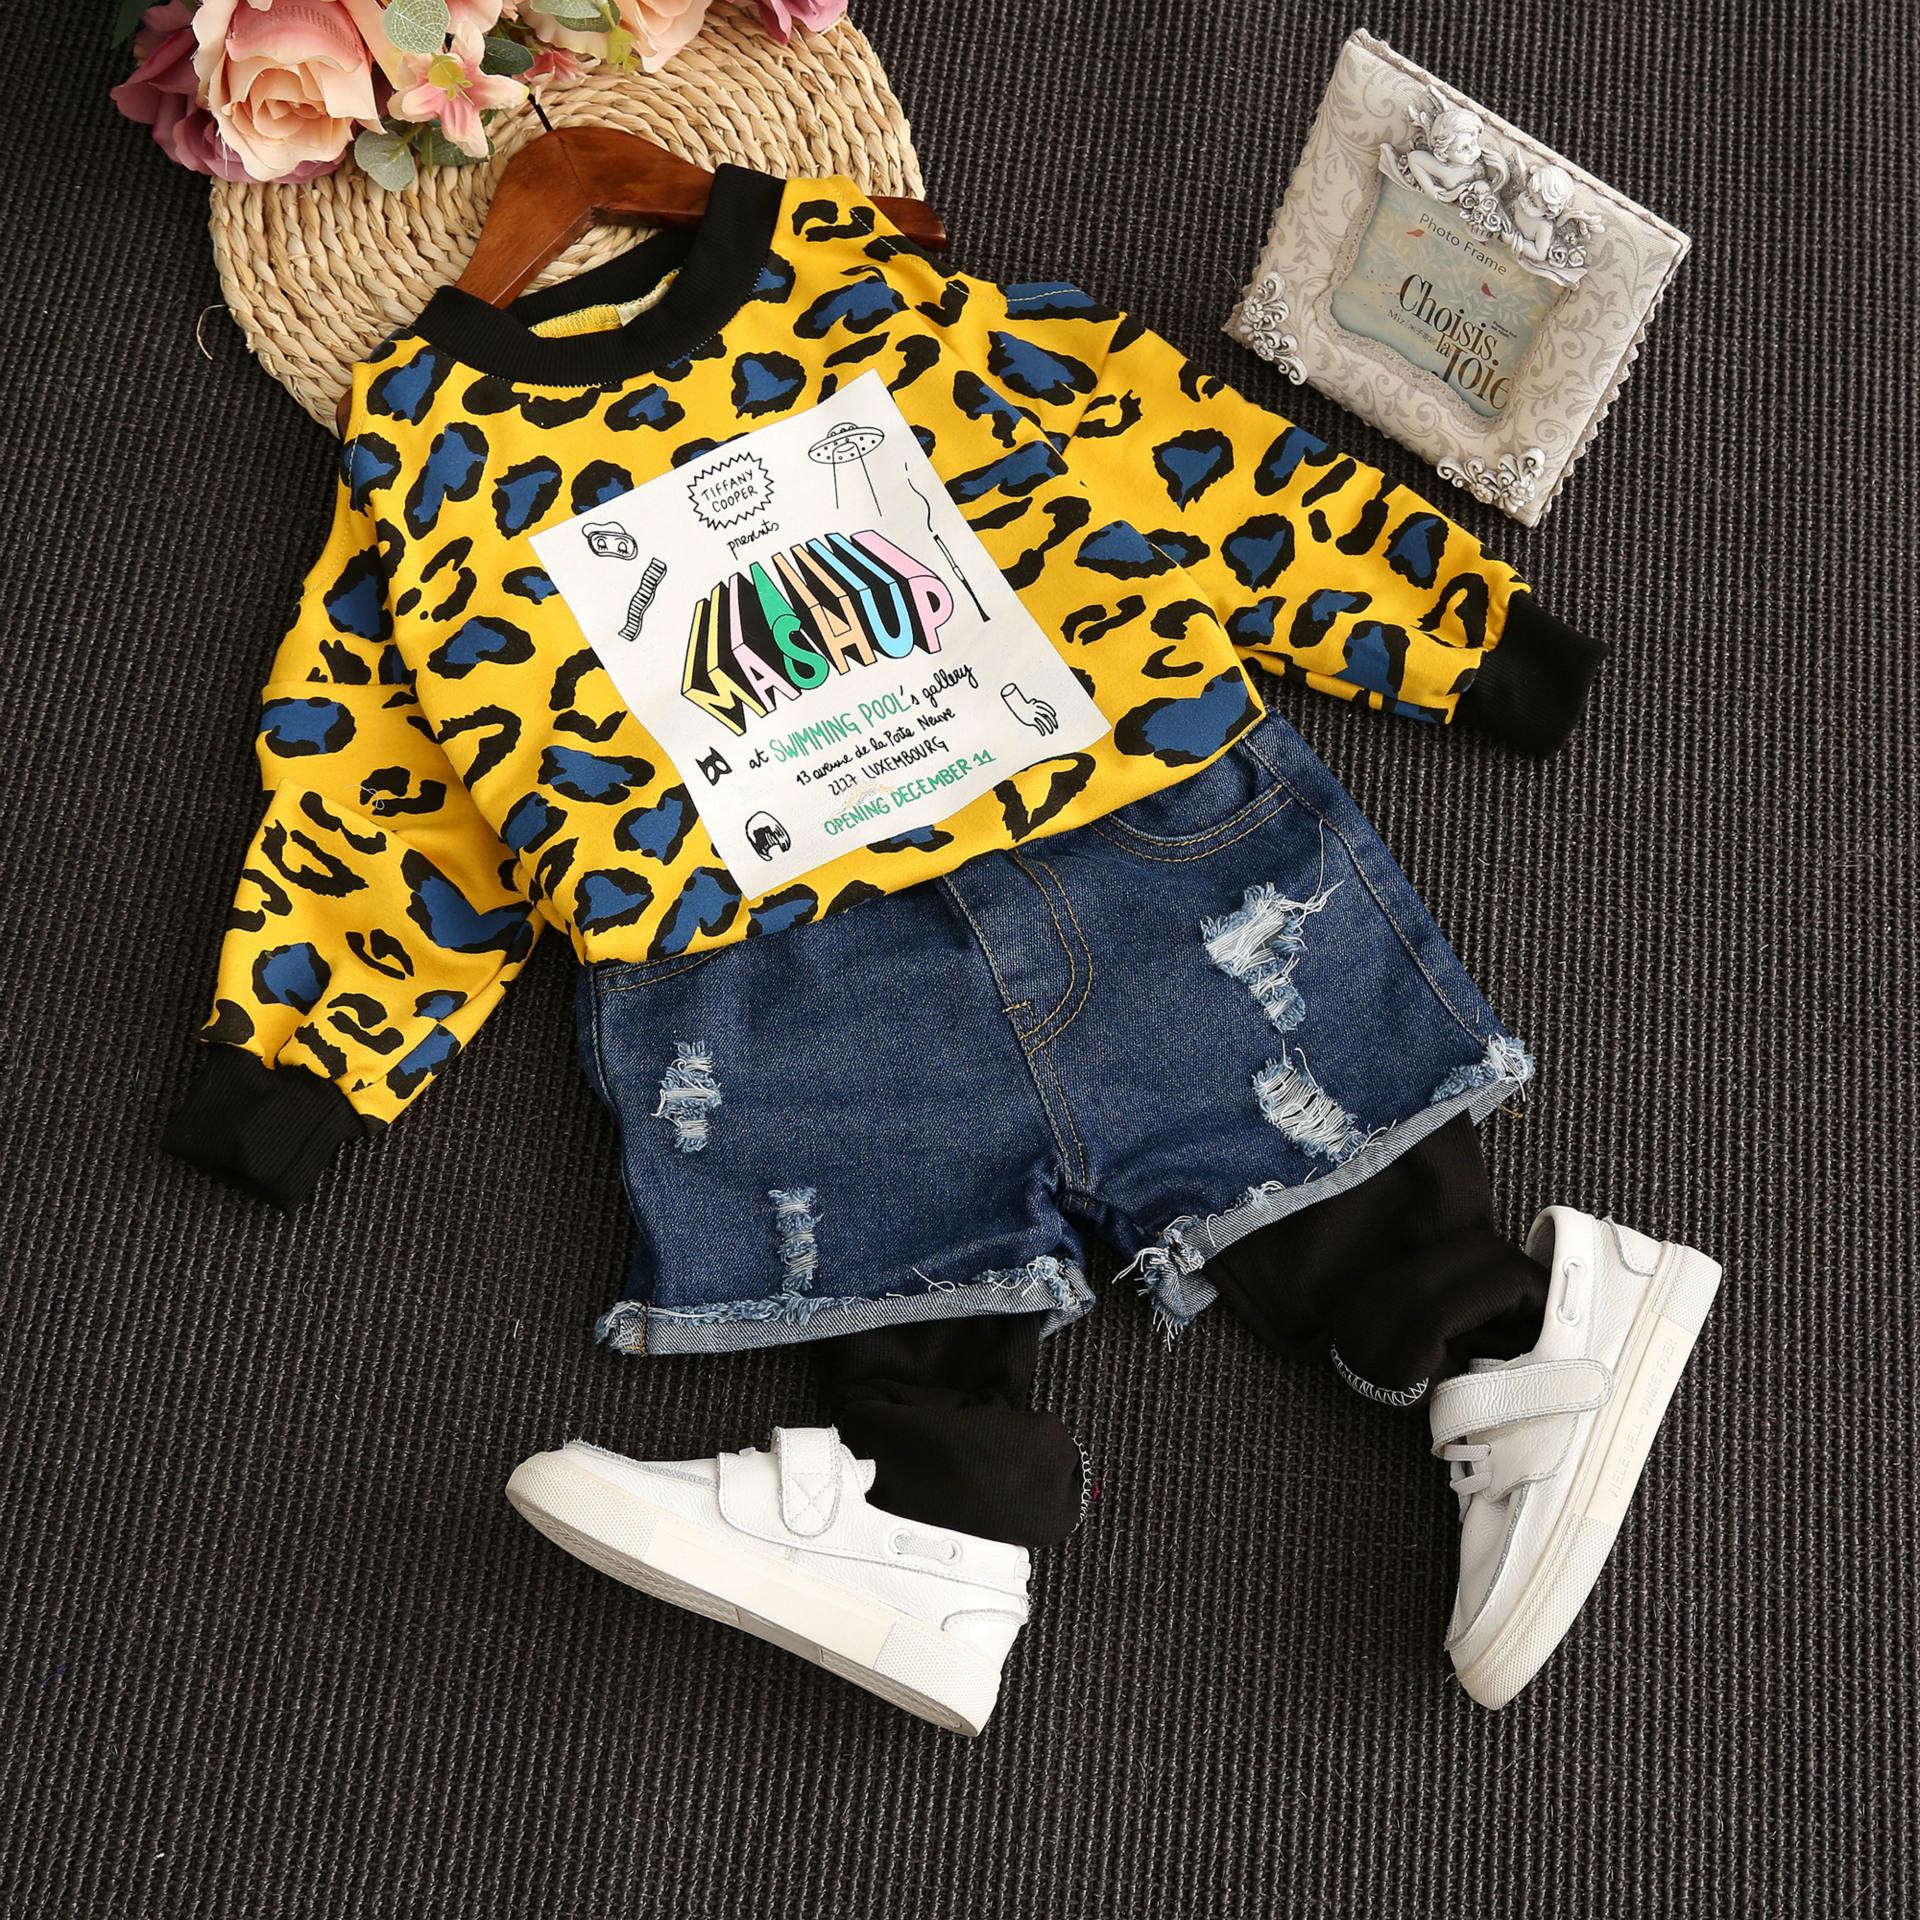 Пружина 2017 Новый Детский свитер девушки Сексуальная бретелек леопардовым принтом верхняя рубашка длинный рукав т волны корейской версии